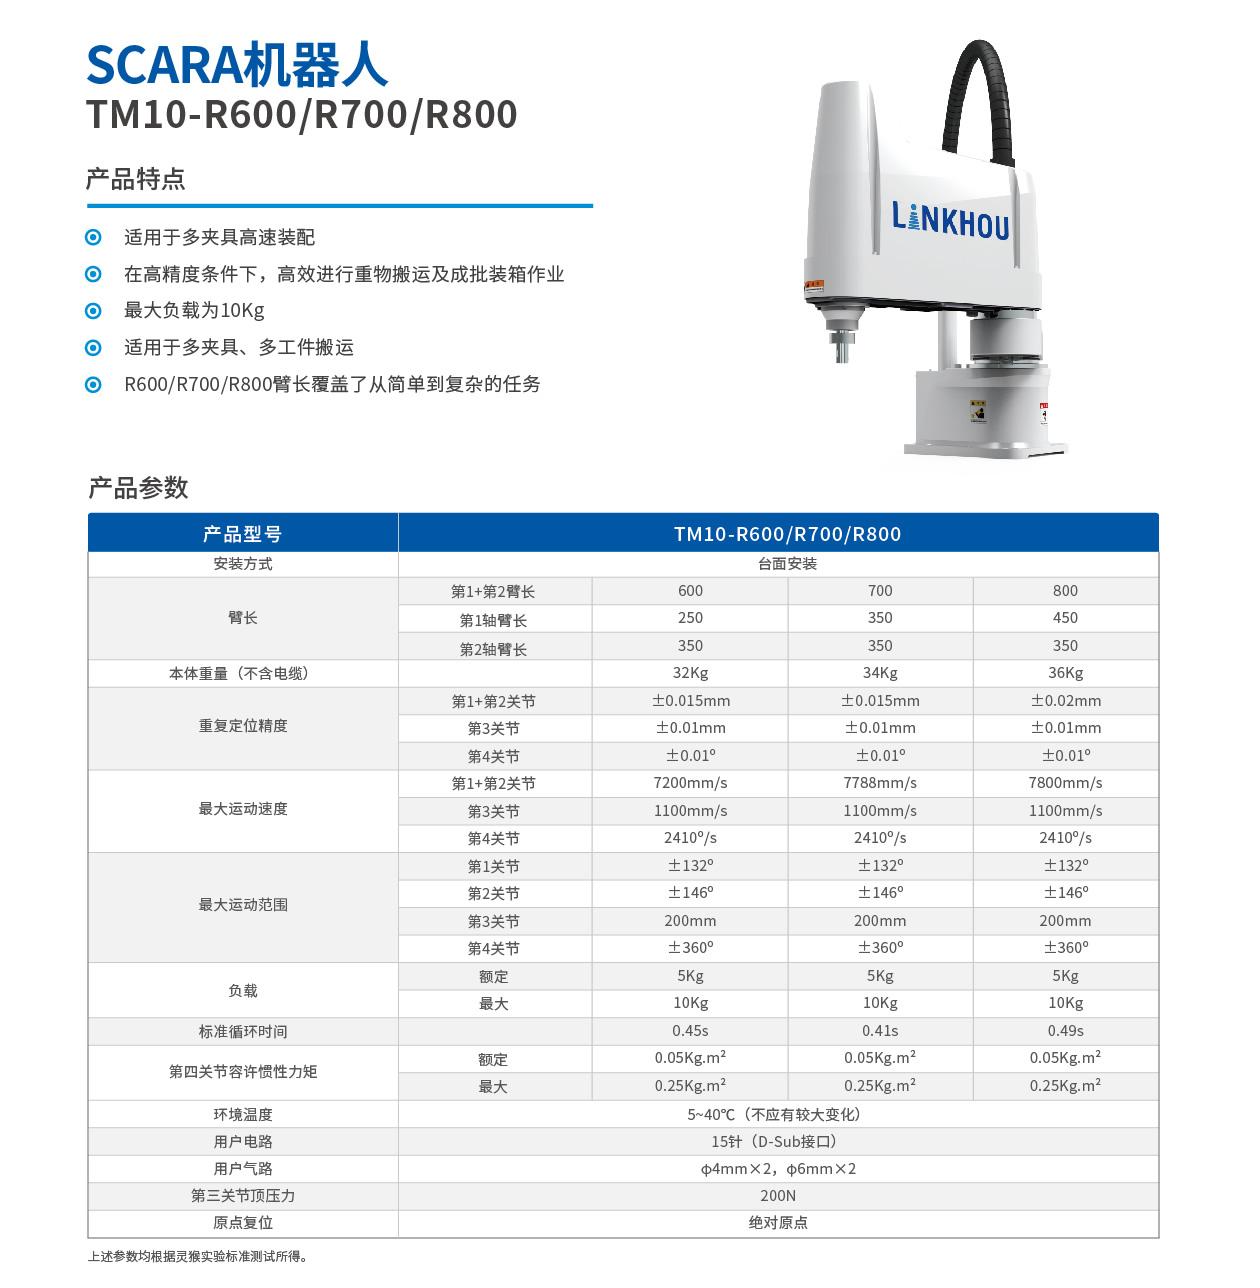 灵猴 TM10-R600R700R800 SCARA机器人